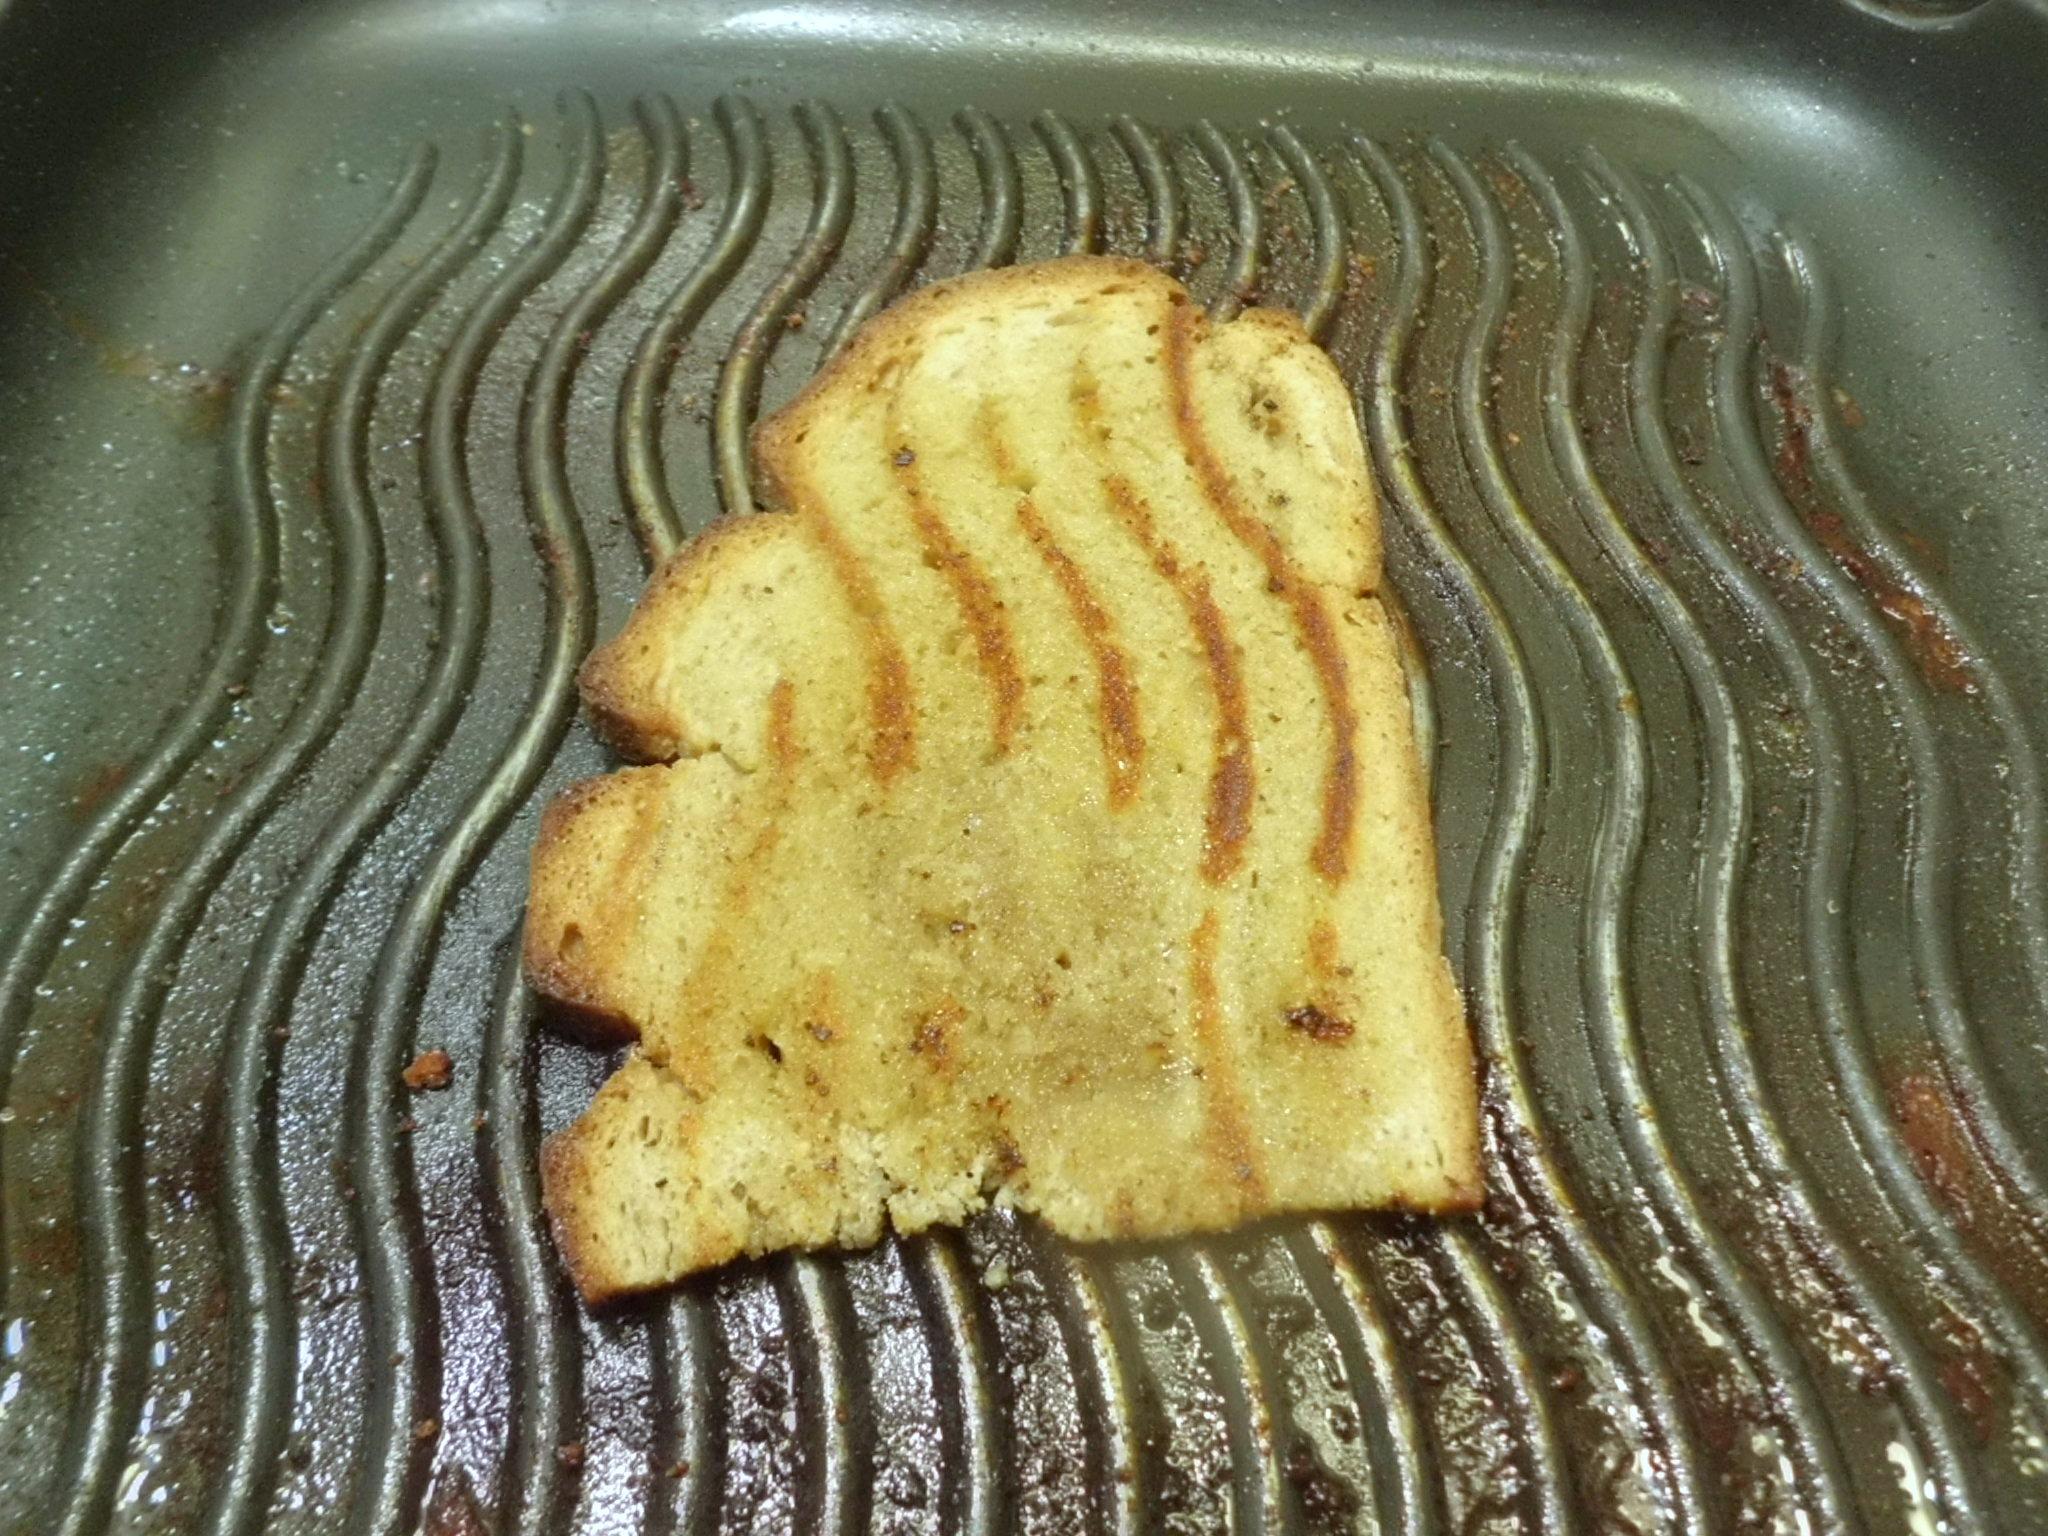 Brotscheiben mit etwas Olivenöl betreufeln und in der Grillpfanne kross grillen,dann mit einer Knoblauchzehe einreiben